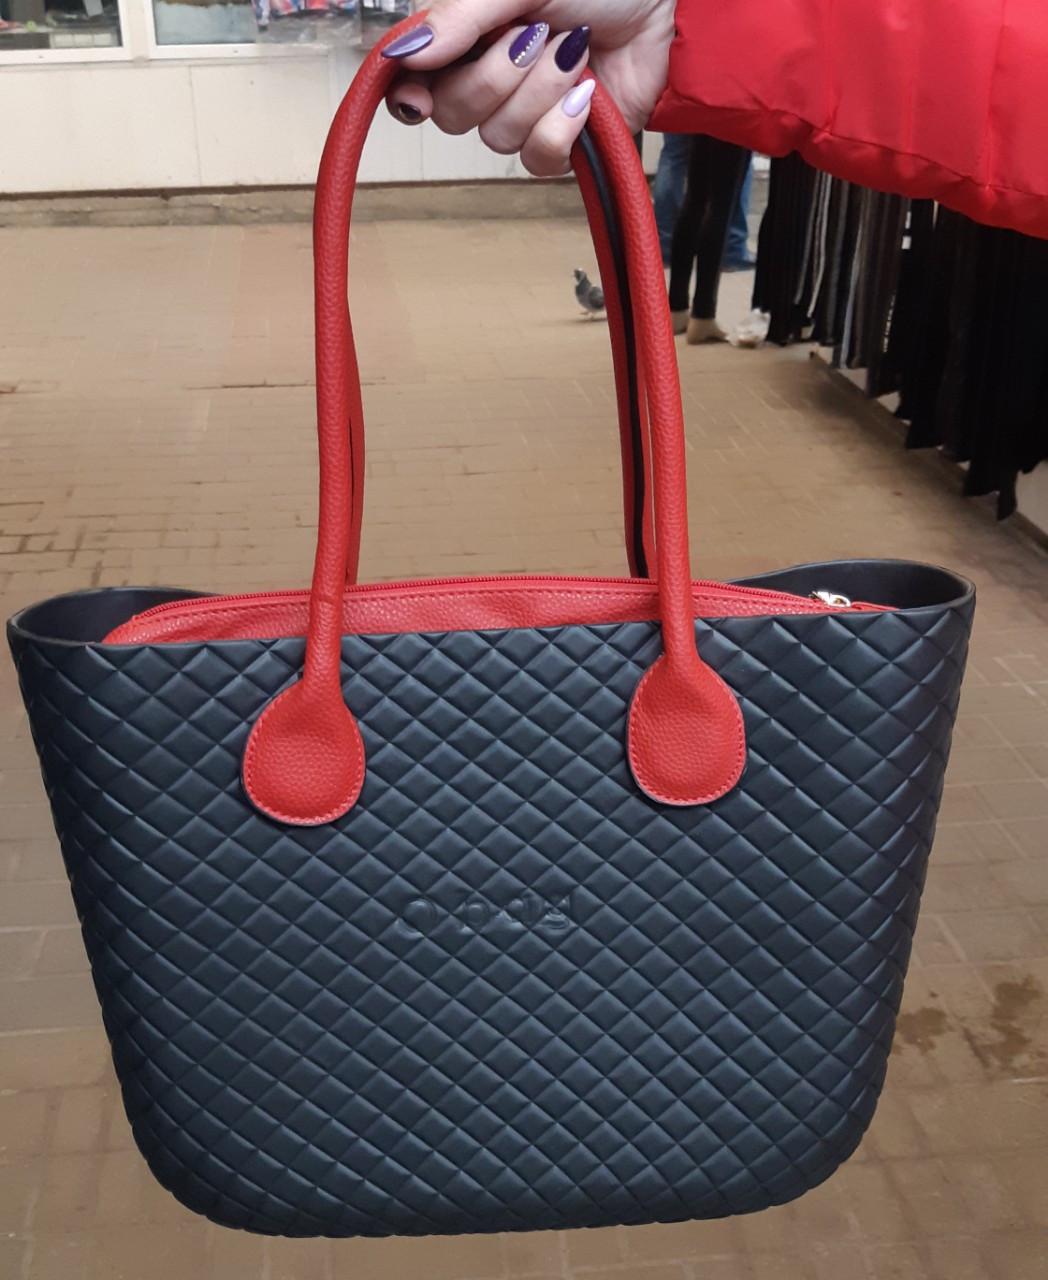 Женская сумка O bag mini в черном  переплете корпуса